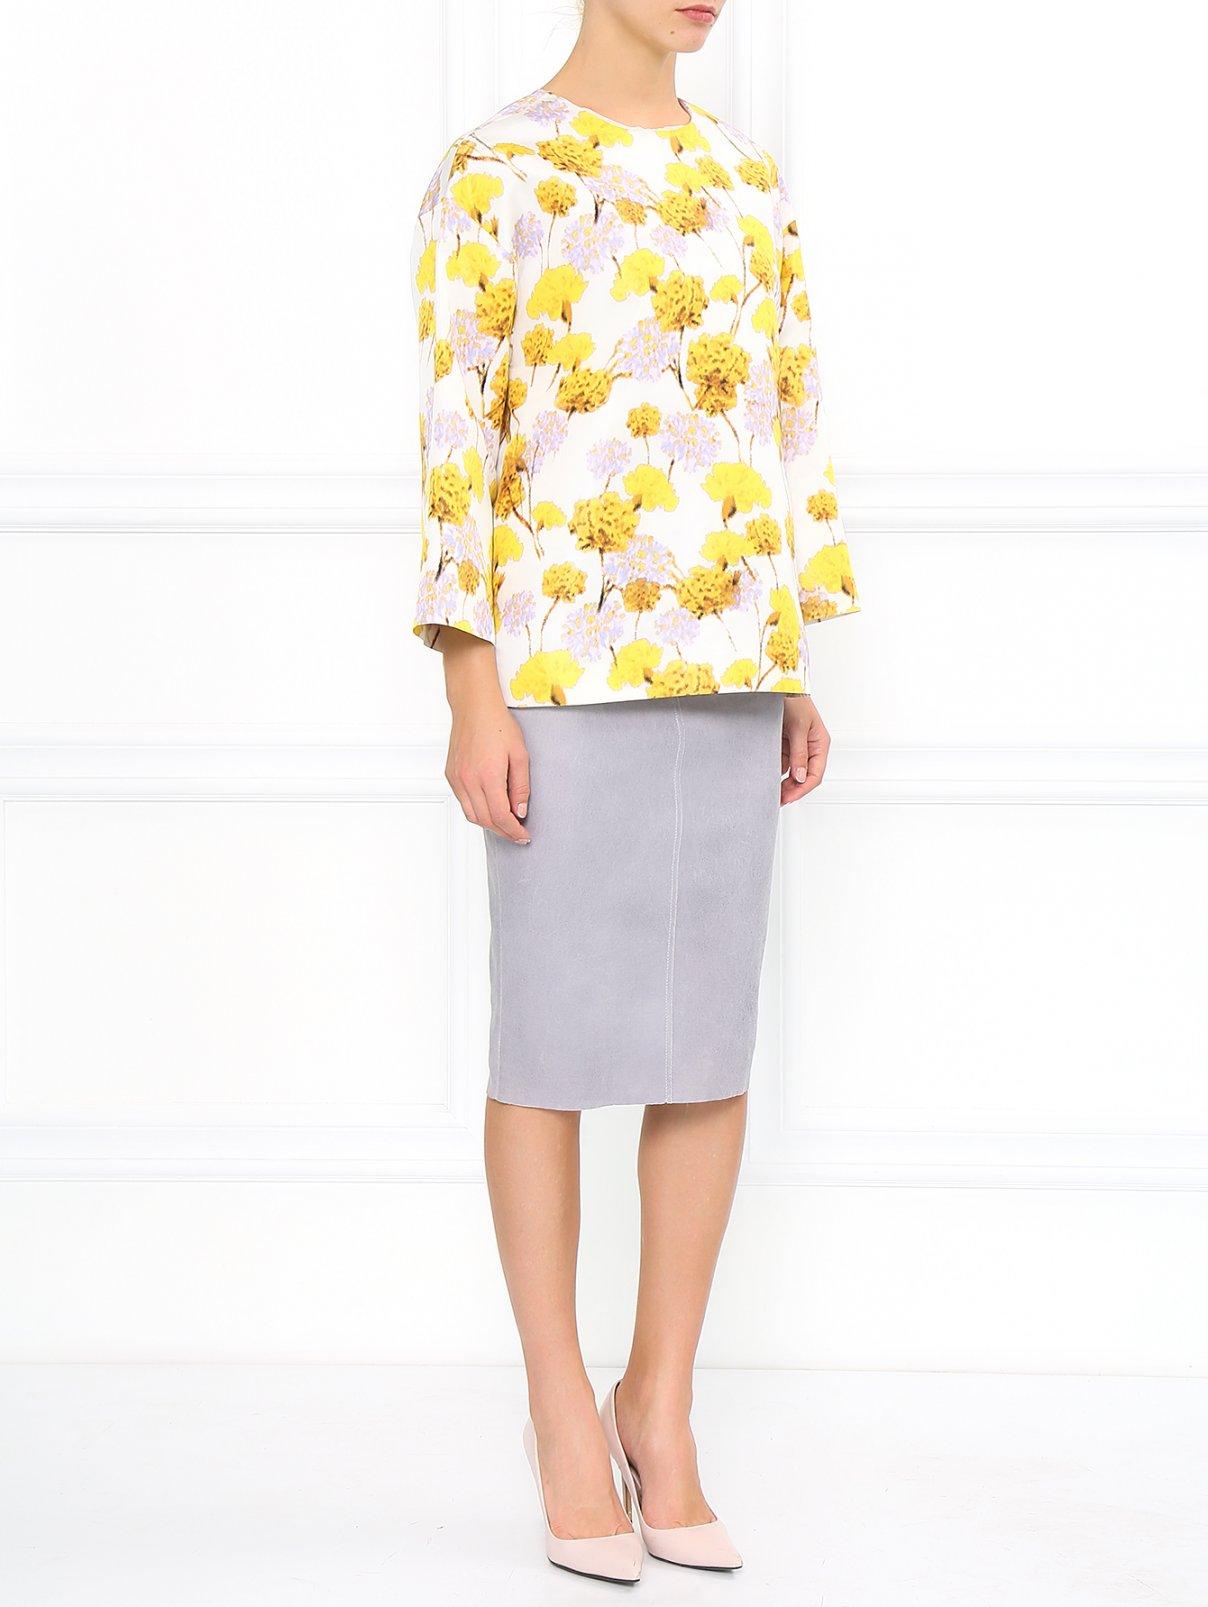 Шелковая блуза с абстрактным принтом Giambattista Valli  –  Модель Общий вид  – Цвет:  Белый